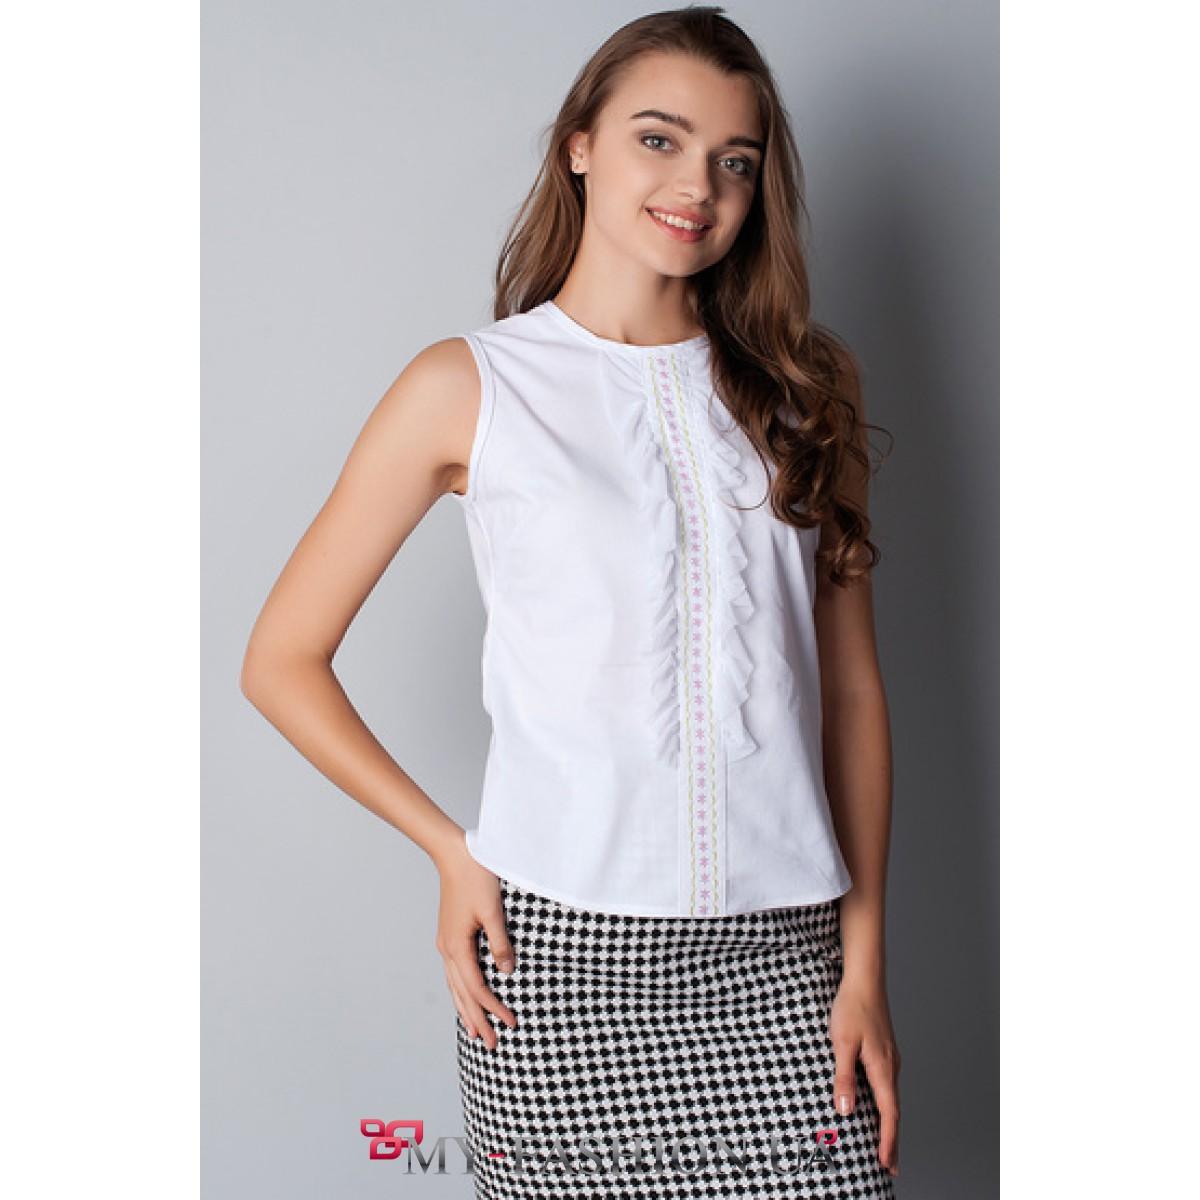 Где купить белую блузку без рукавов